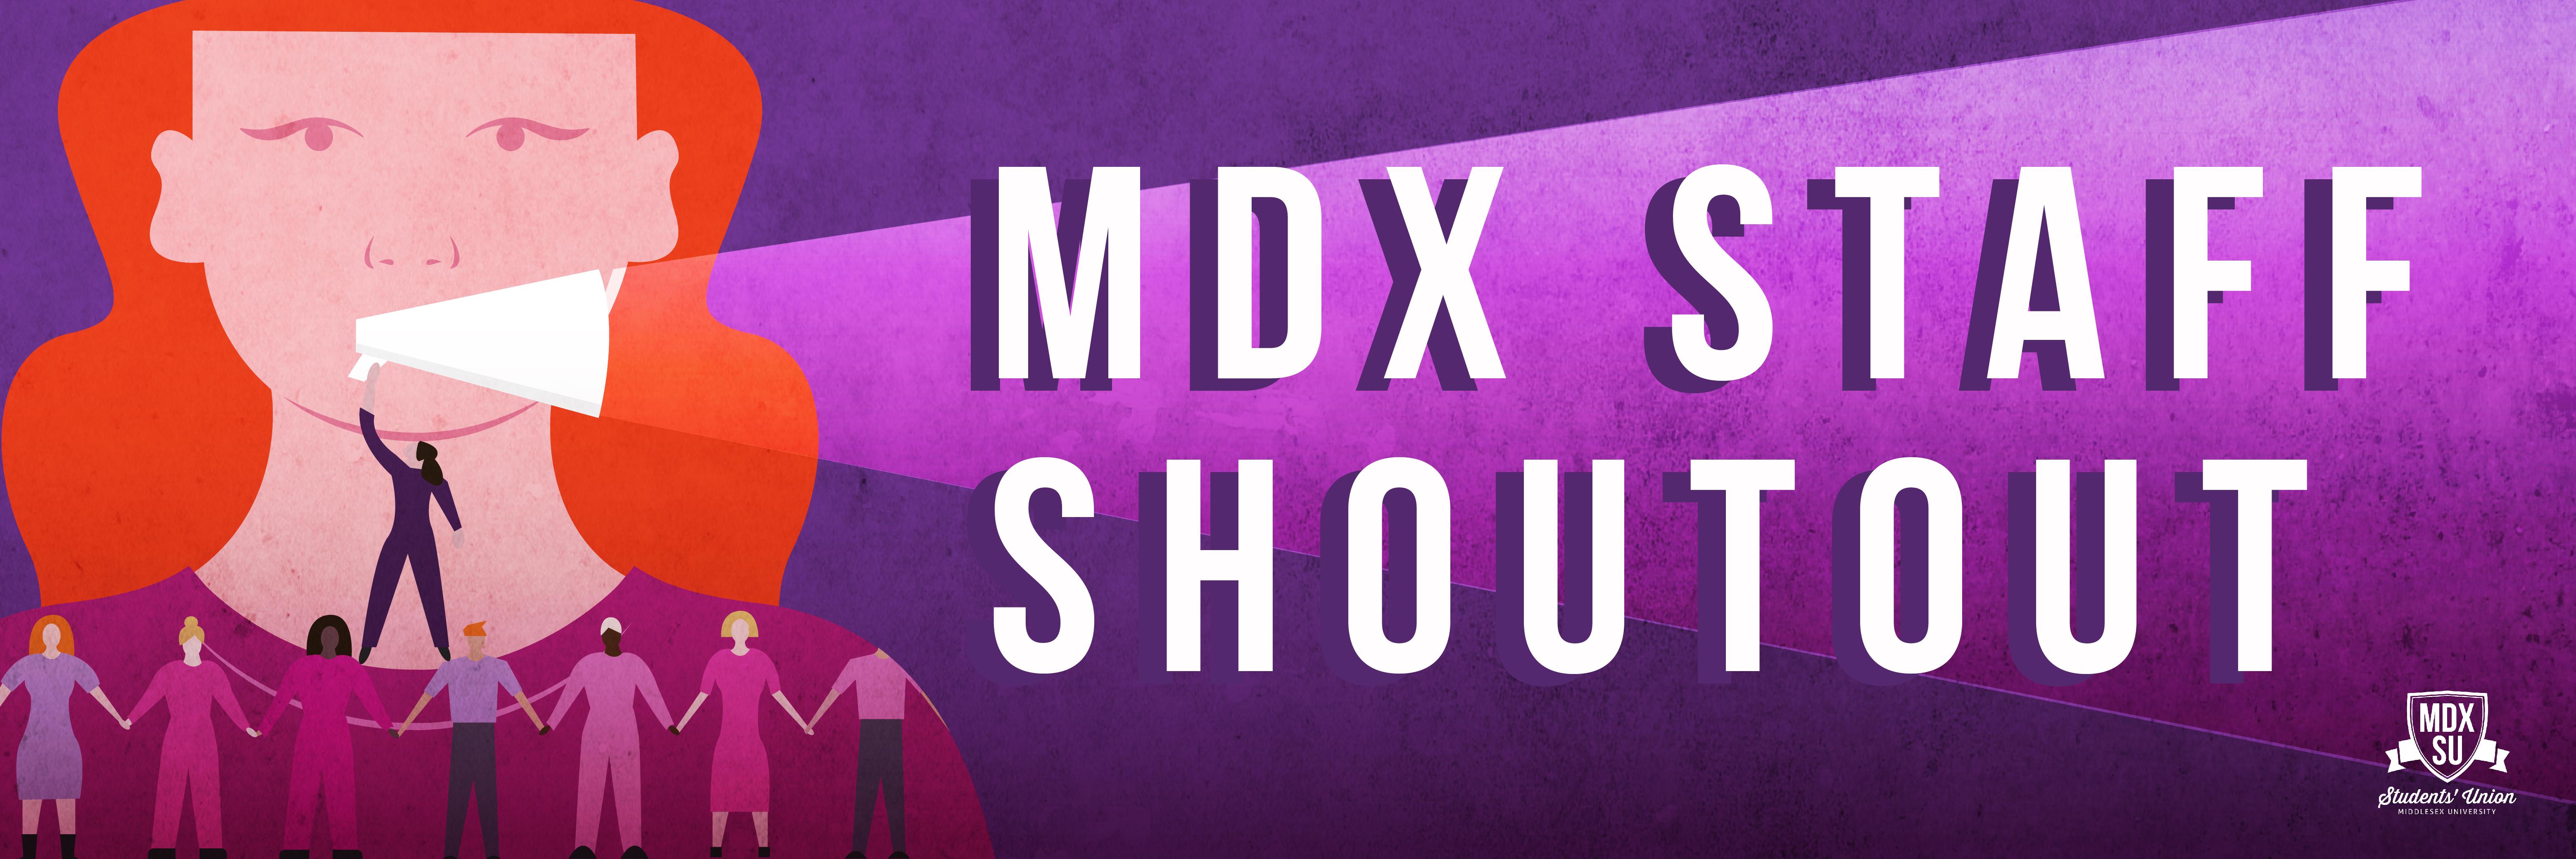 Mdx staff shoutout 04